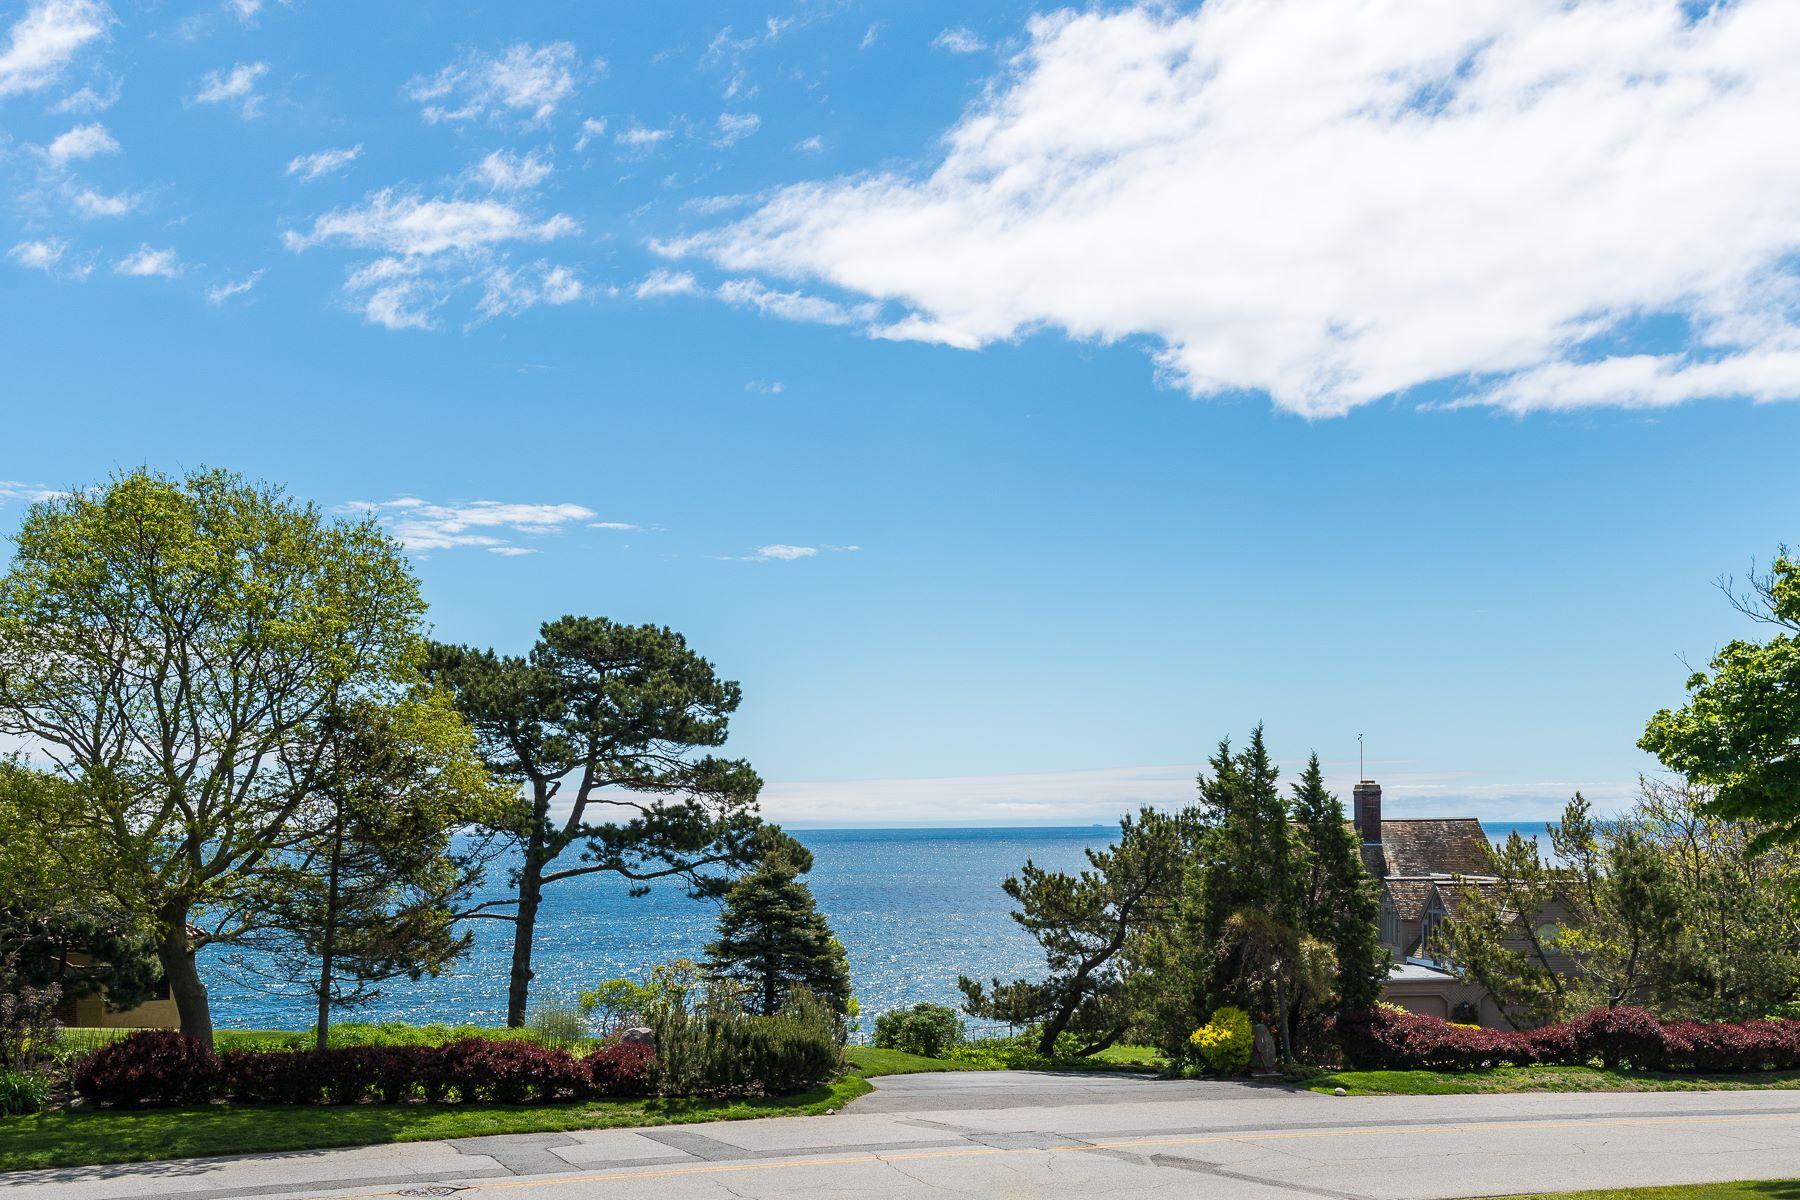 Einfamilienhaus für Verkauf beim Classic and Stately 5BR/4BA Colonial with Dazzling Ocean Views 312 Ocean Avenue Marblehead, Massachusetts, 01945 Vereinigte Staaten